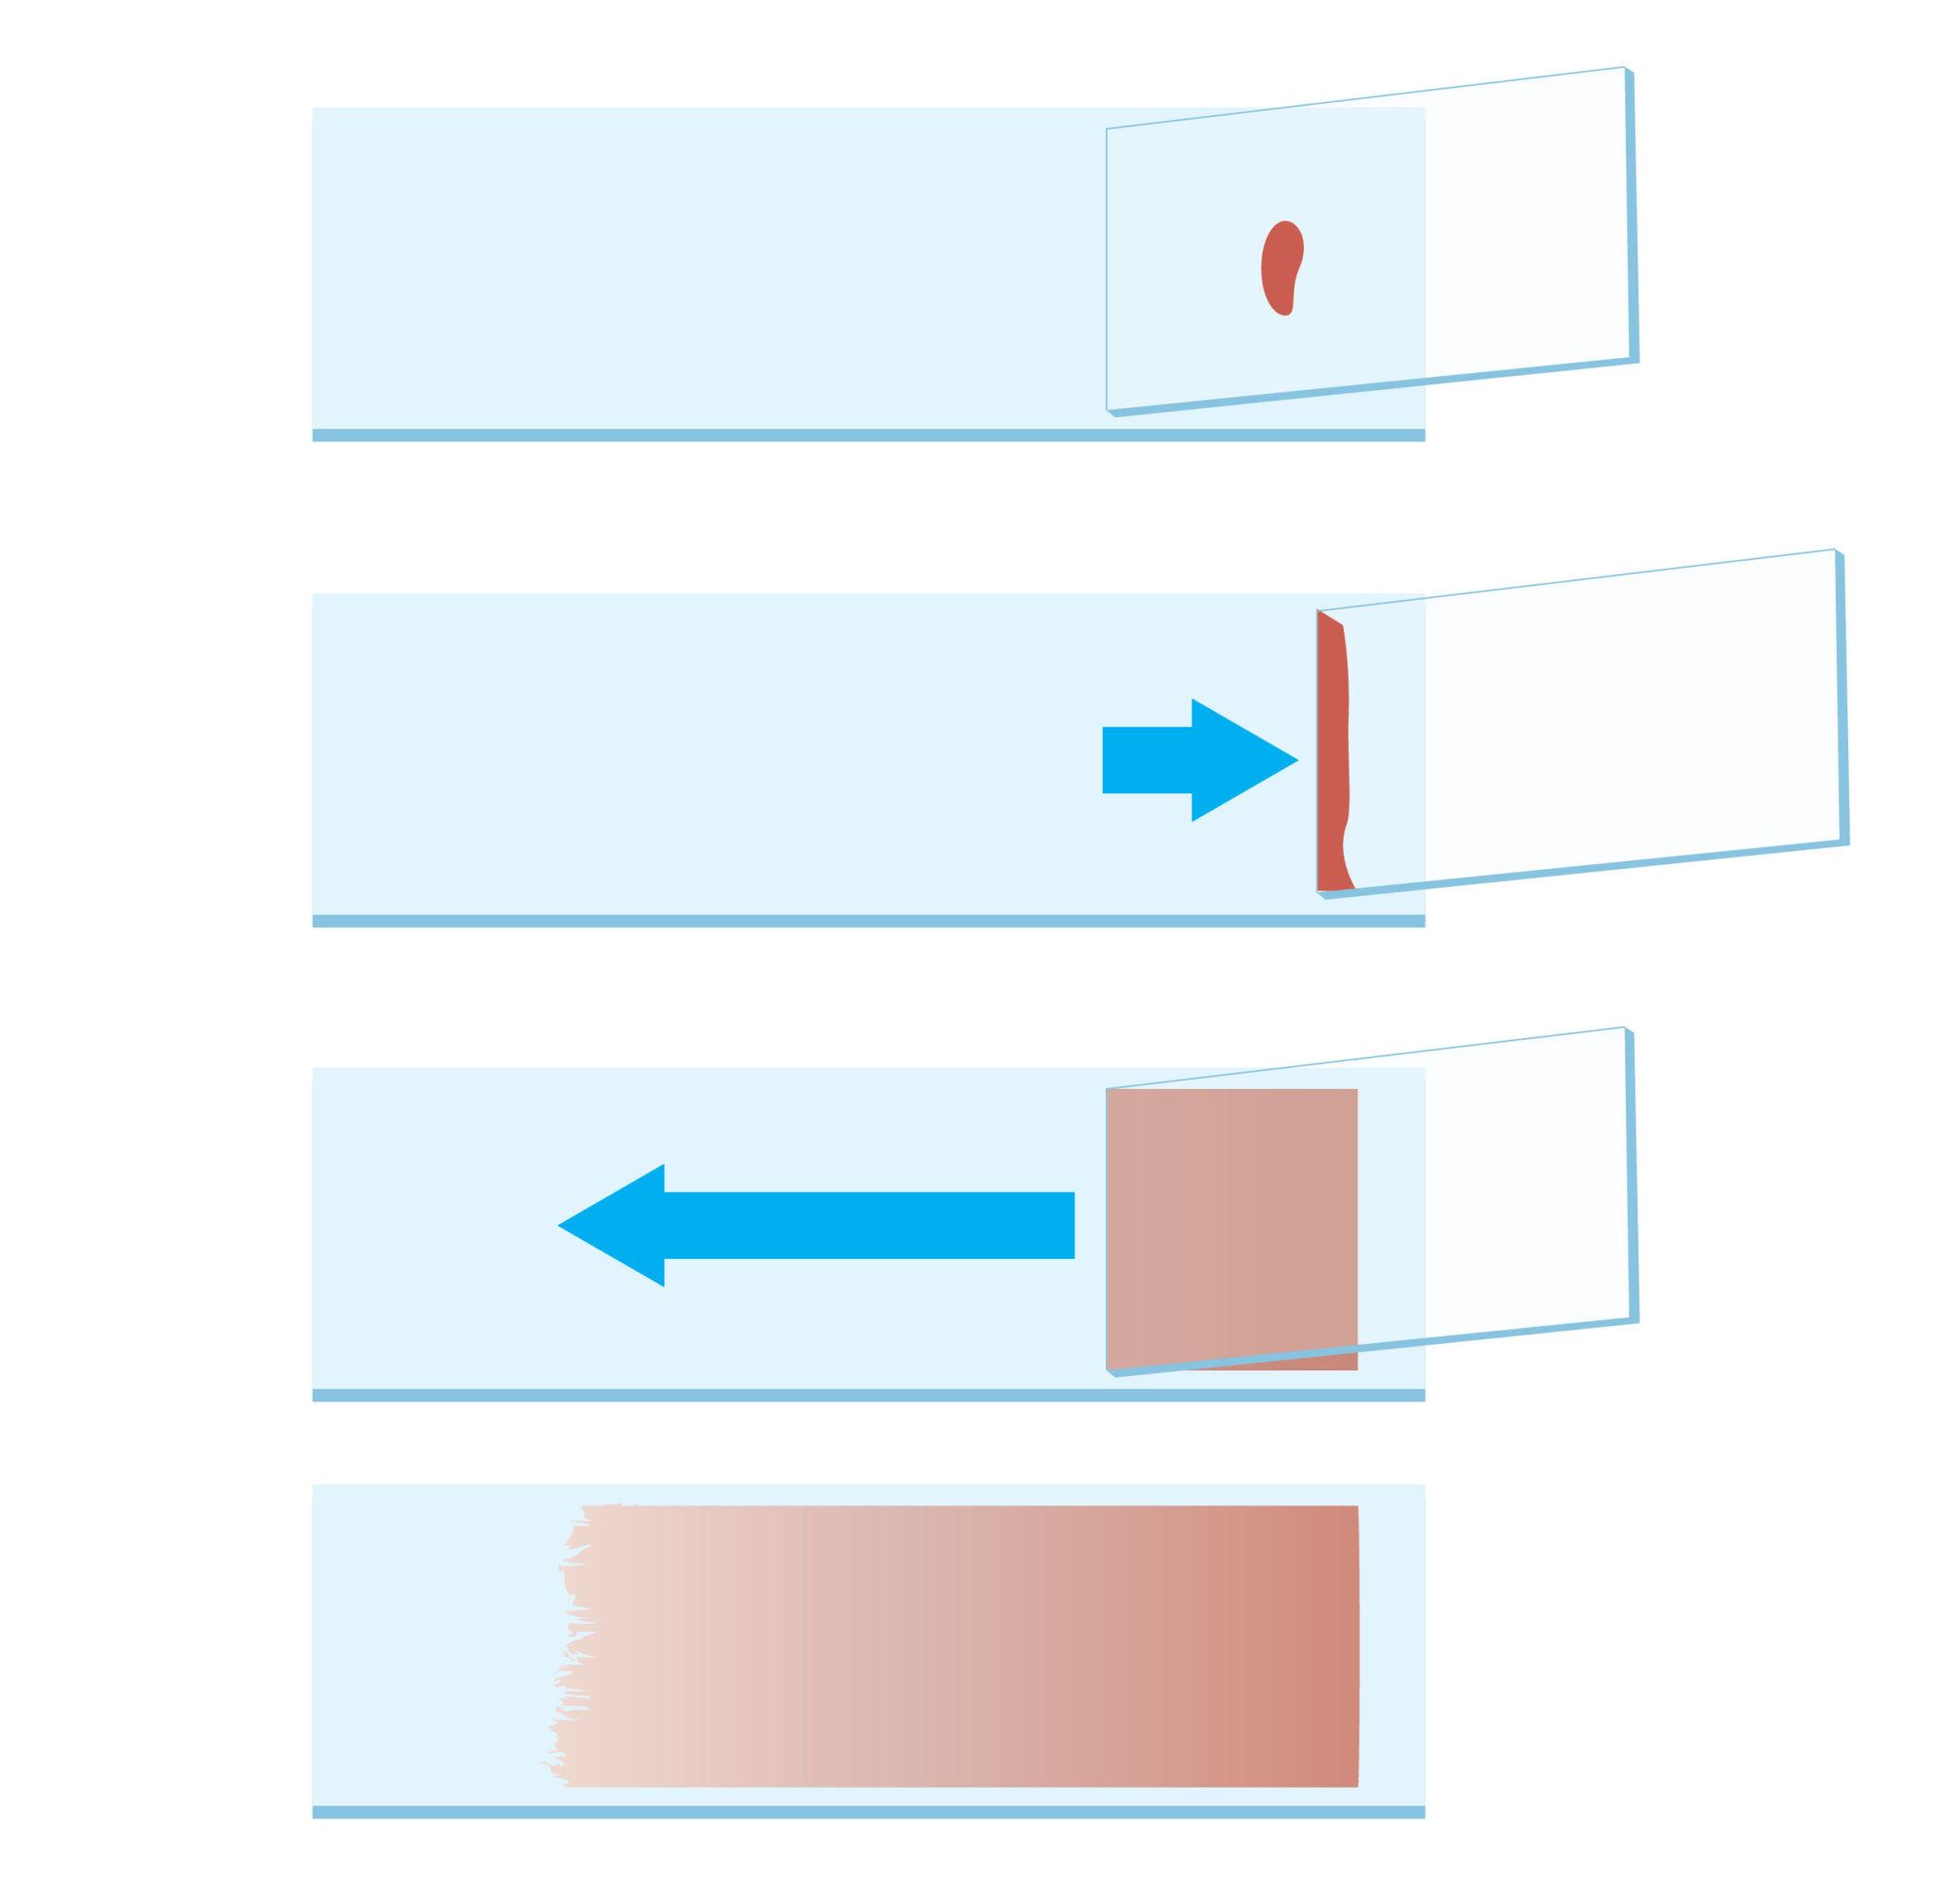 Técnica de Esfregaço de sangue